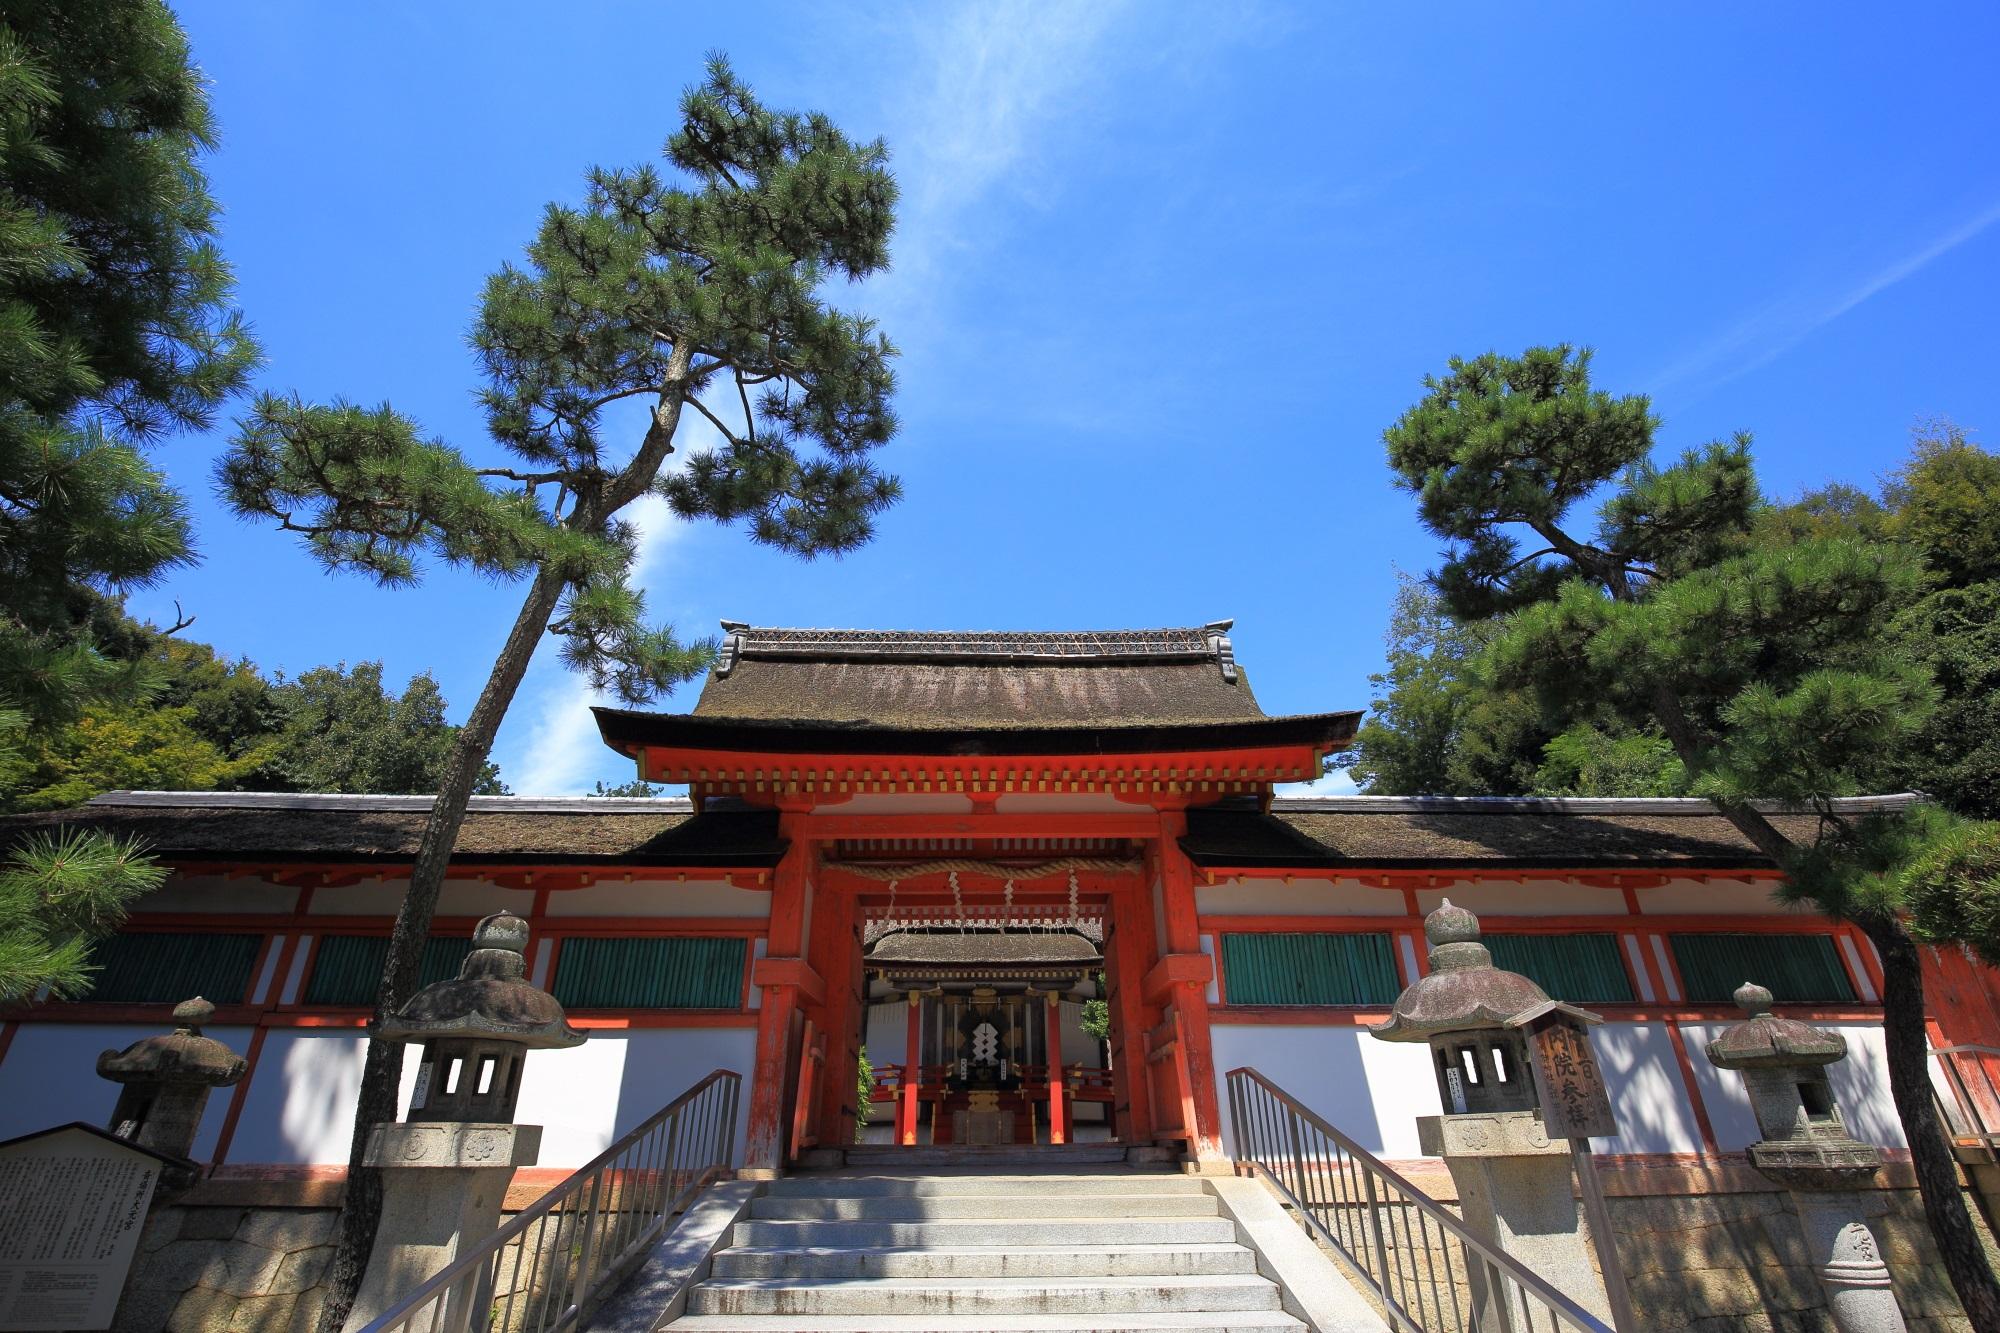 吉田神社末社の斎場所大元宮の中門